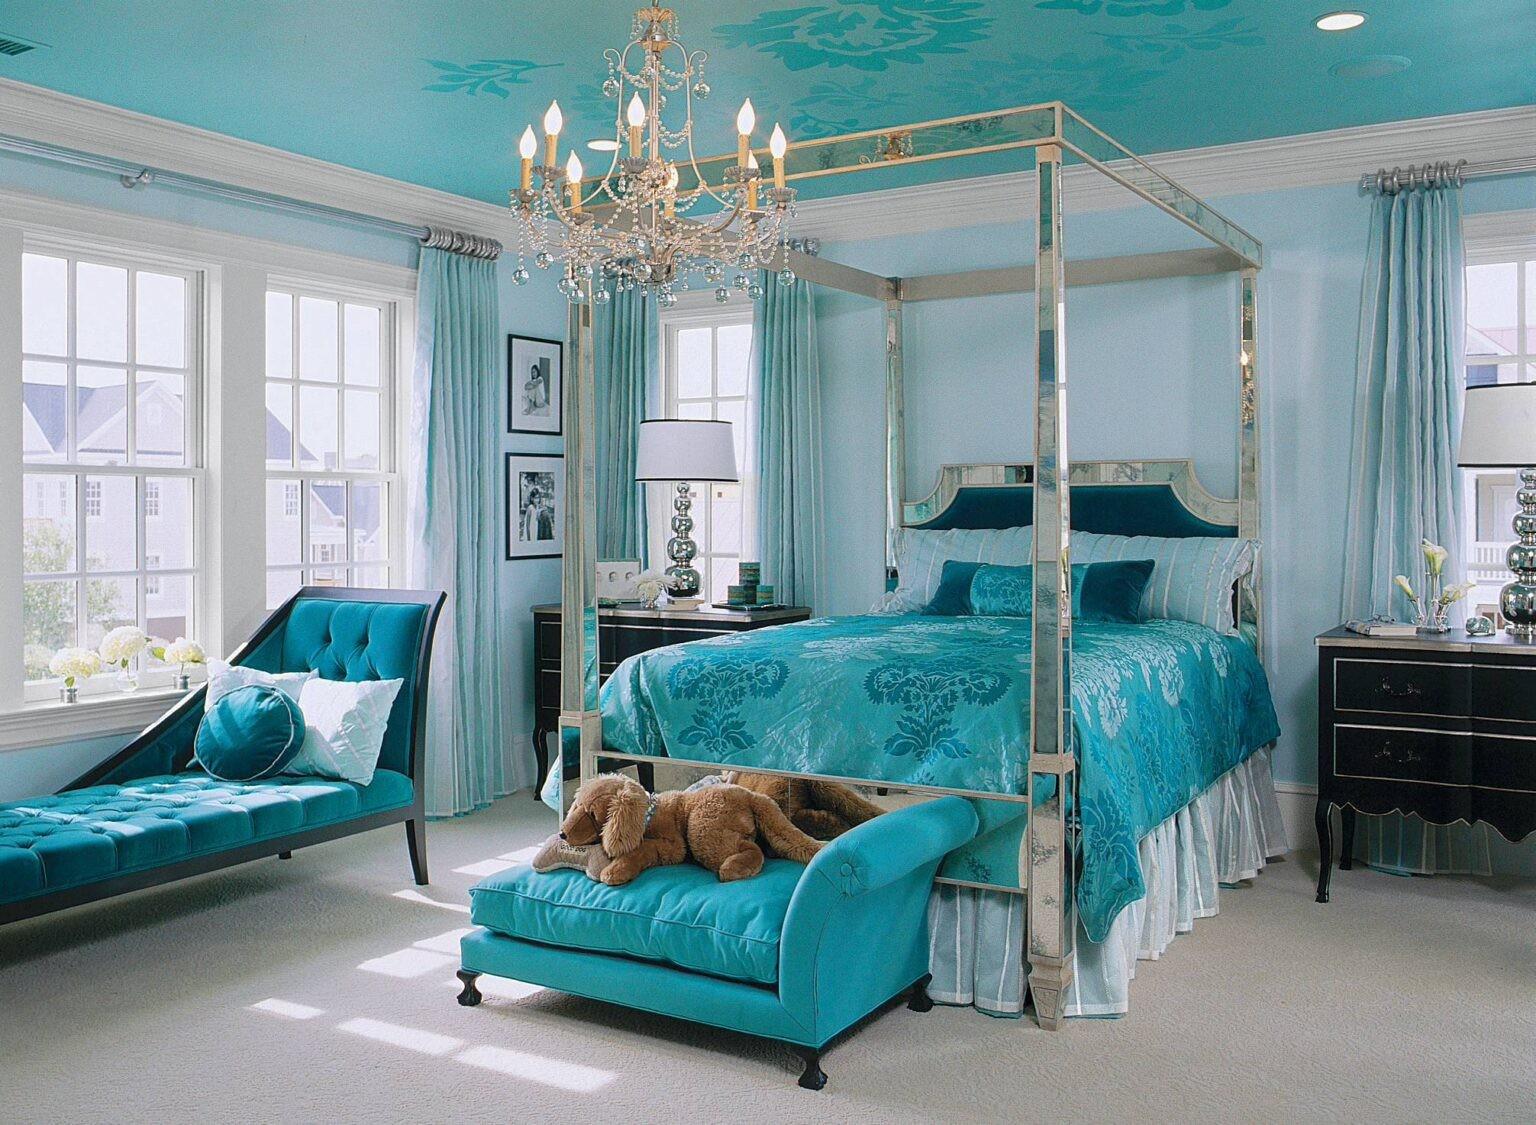 بالصور غرف نوم باللون التركواز- التركواز في الأثاث